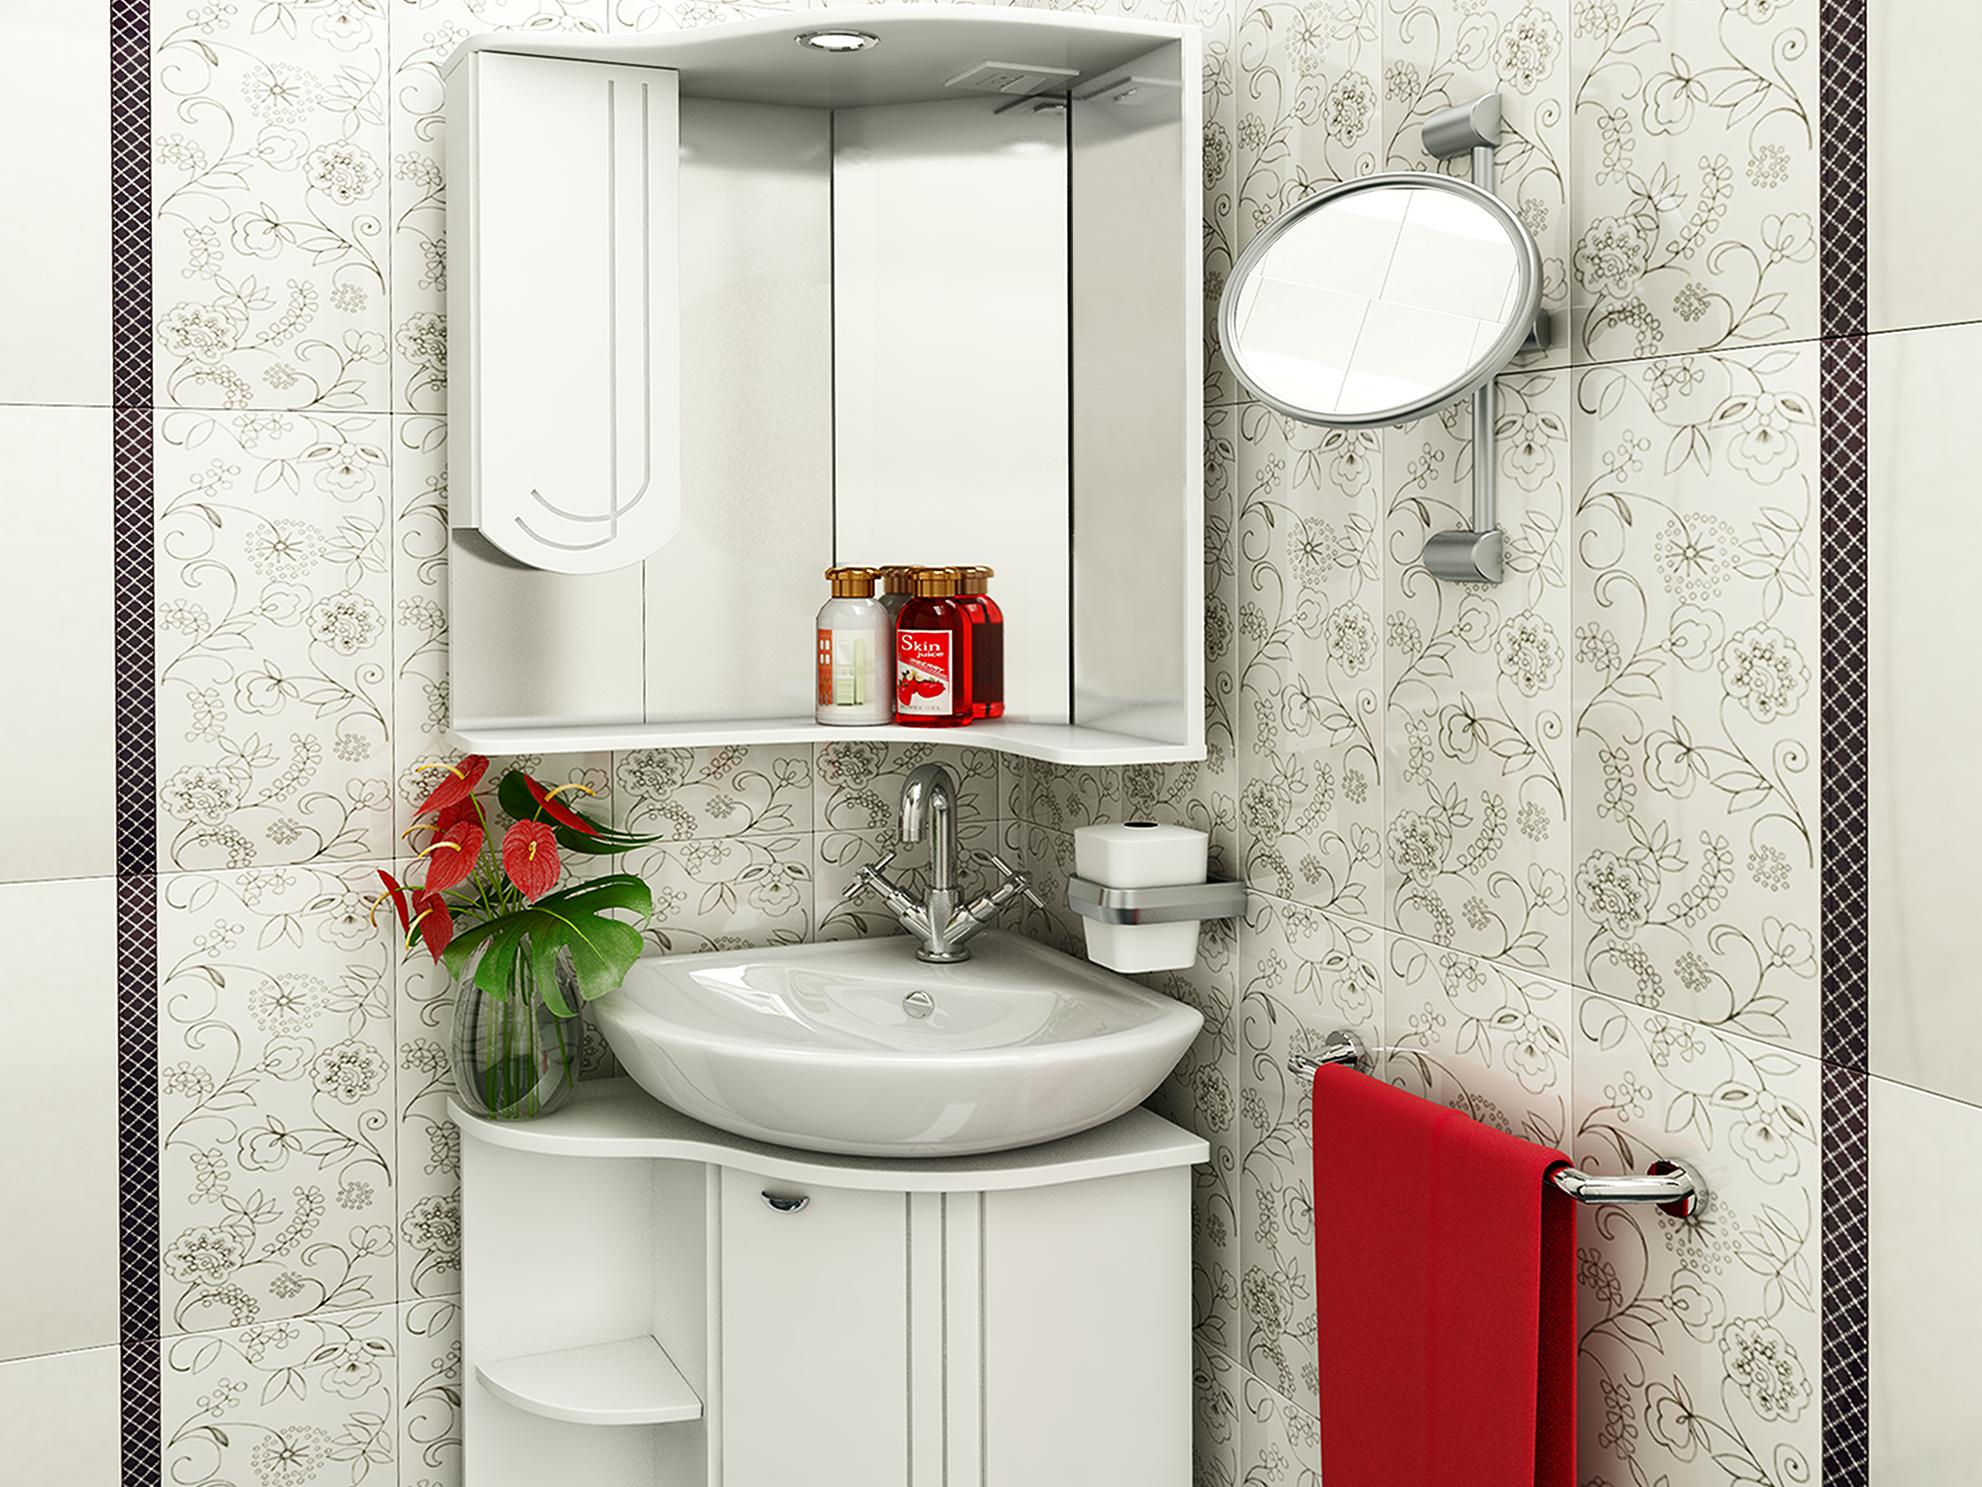 Мебель для ванной комнаты дизайн для маленькой площади